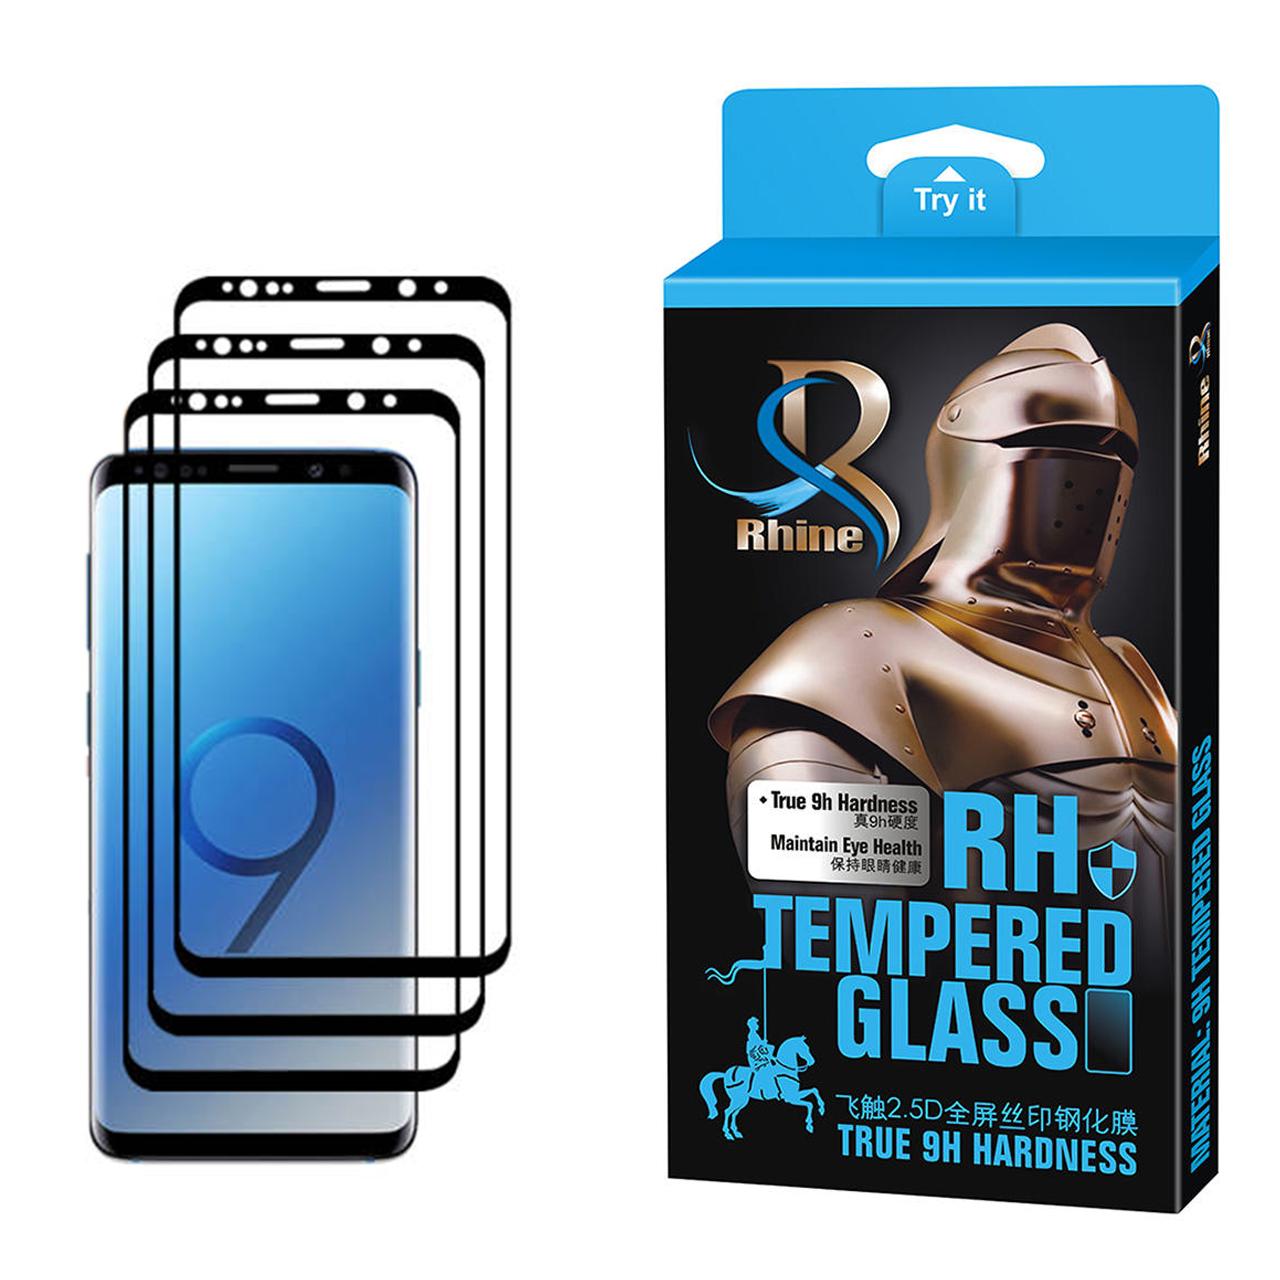 محافظ صفحه نمایش 9D راین مدل R3_9 Edge مناسب برای گوشی موبایل سامسونگ Galaxy S9 Plus بسته سه عددی